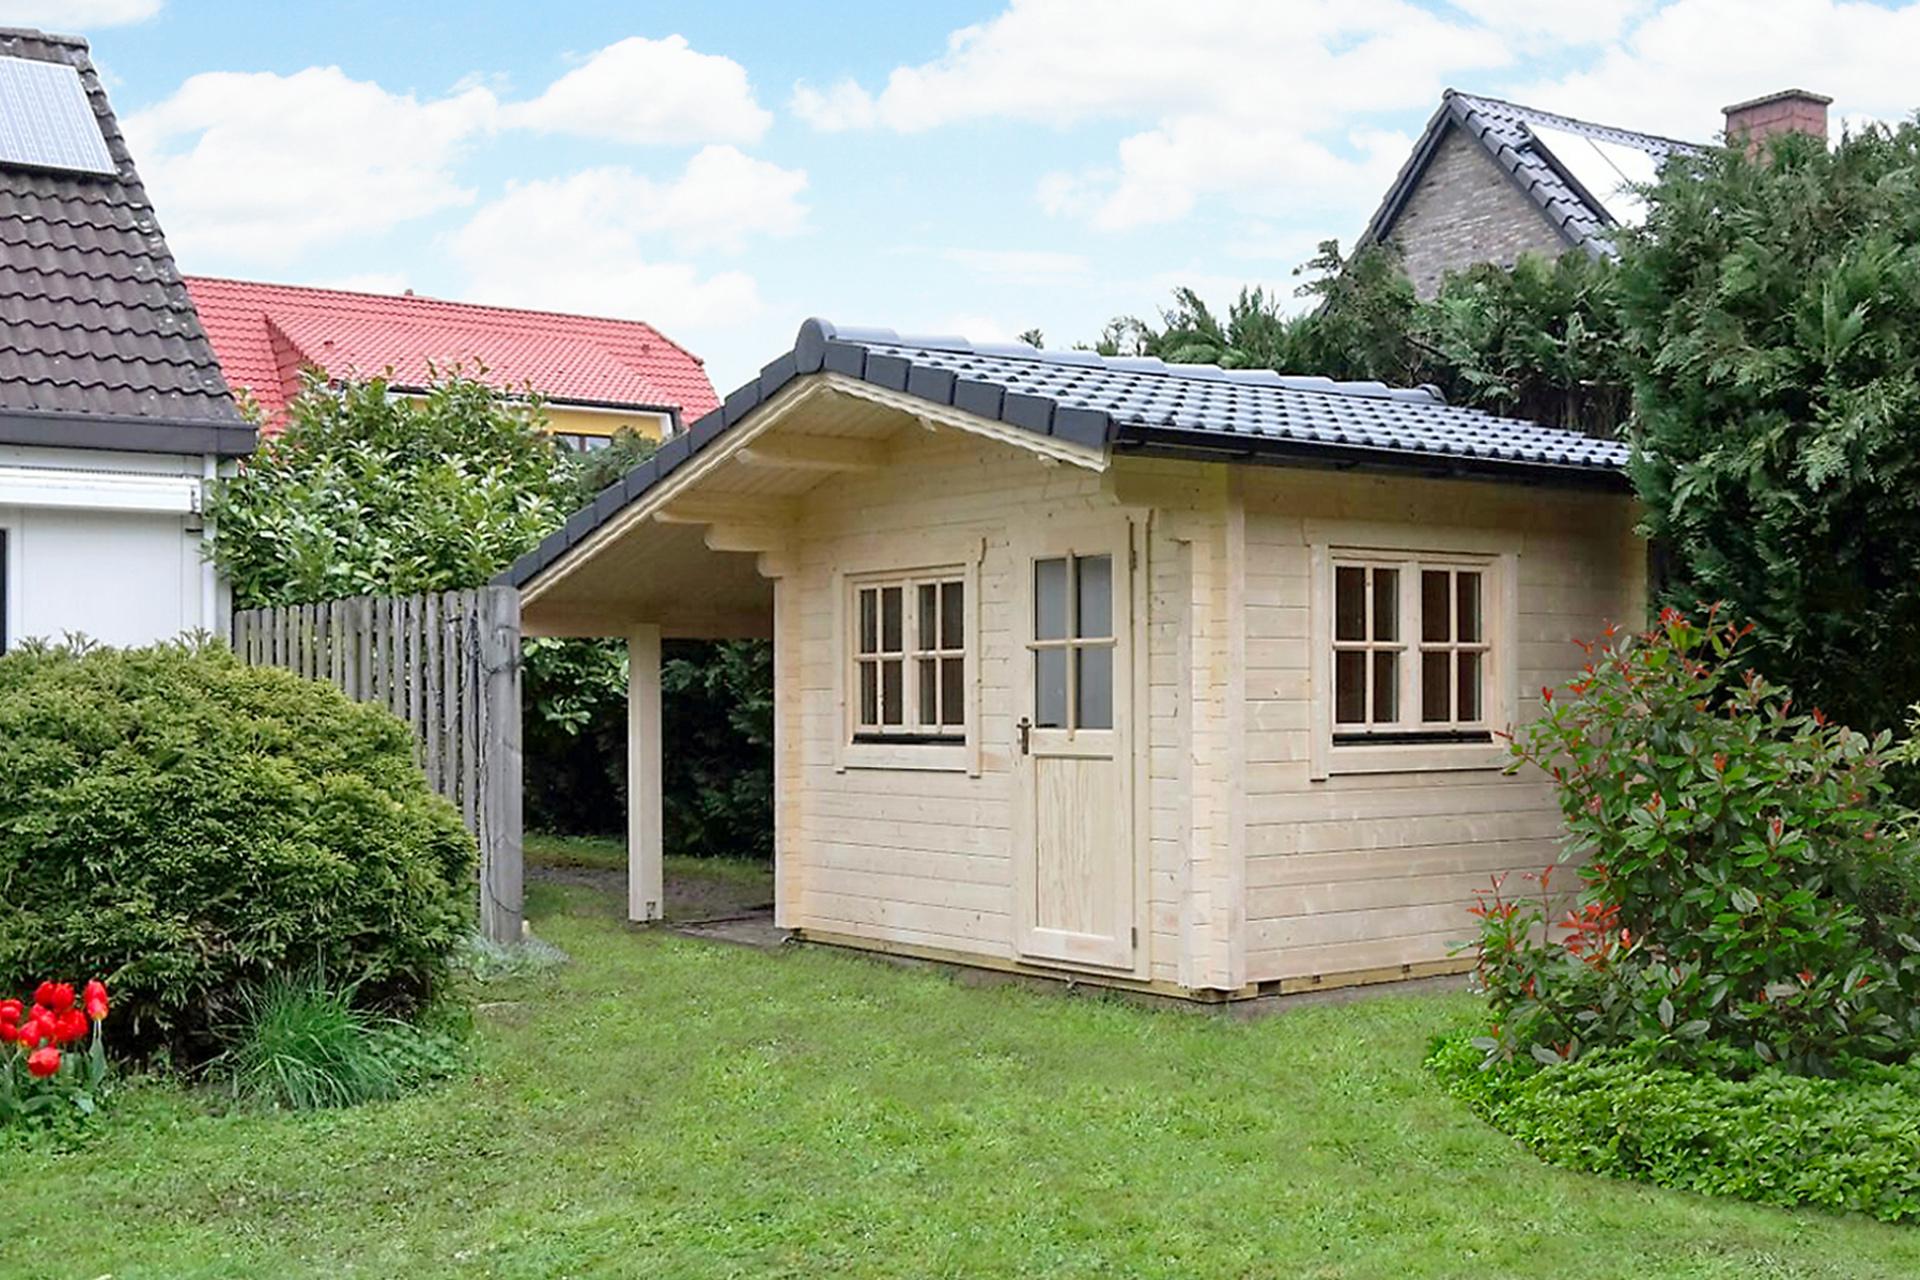 Gartenhaus mit Schleppdach - Typ NIDA S | Butenas